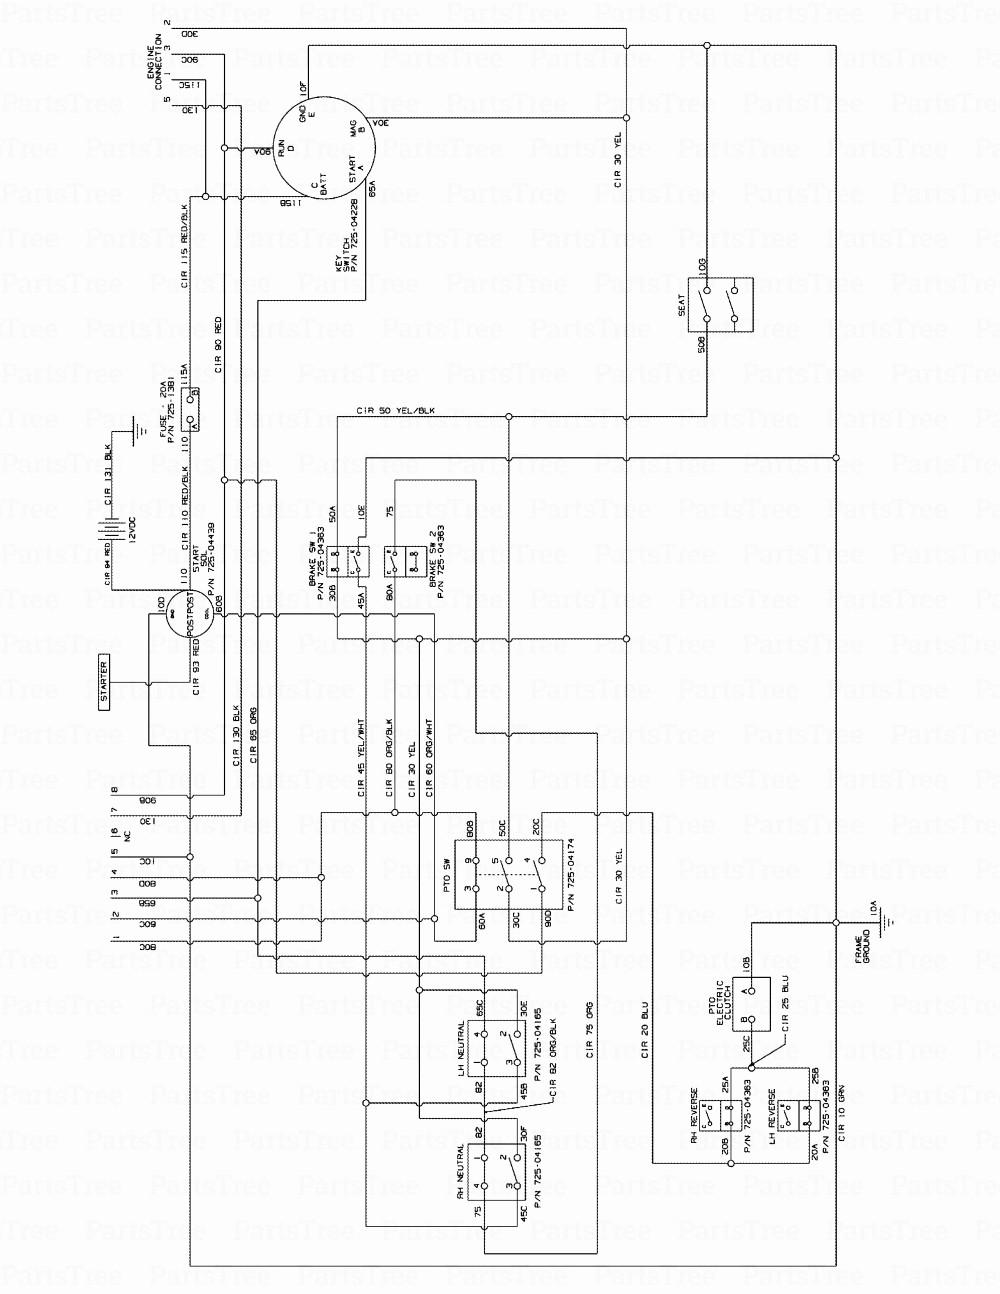 [FPWZ_2684]  A3A 3206 Cub Cadet Wiring Diagram | Wiring Library | Cub Cadet W600 Wiring Diagram |  | Wiring Library